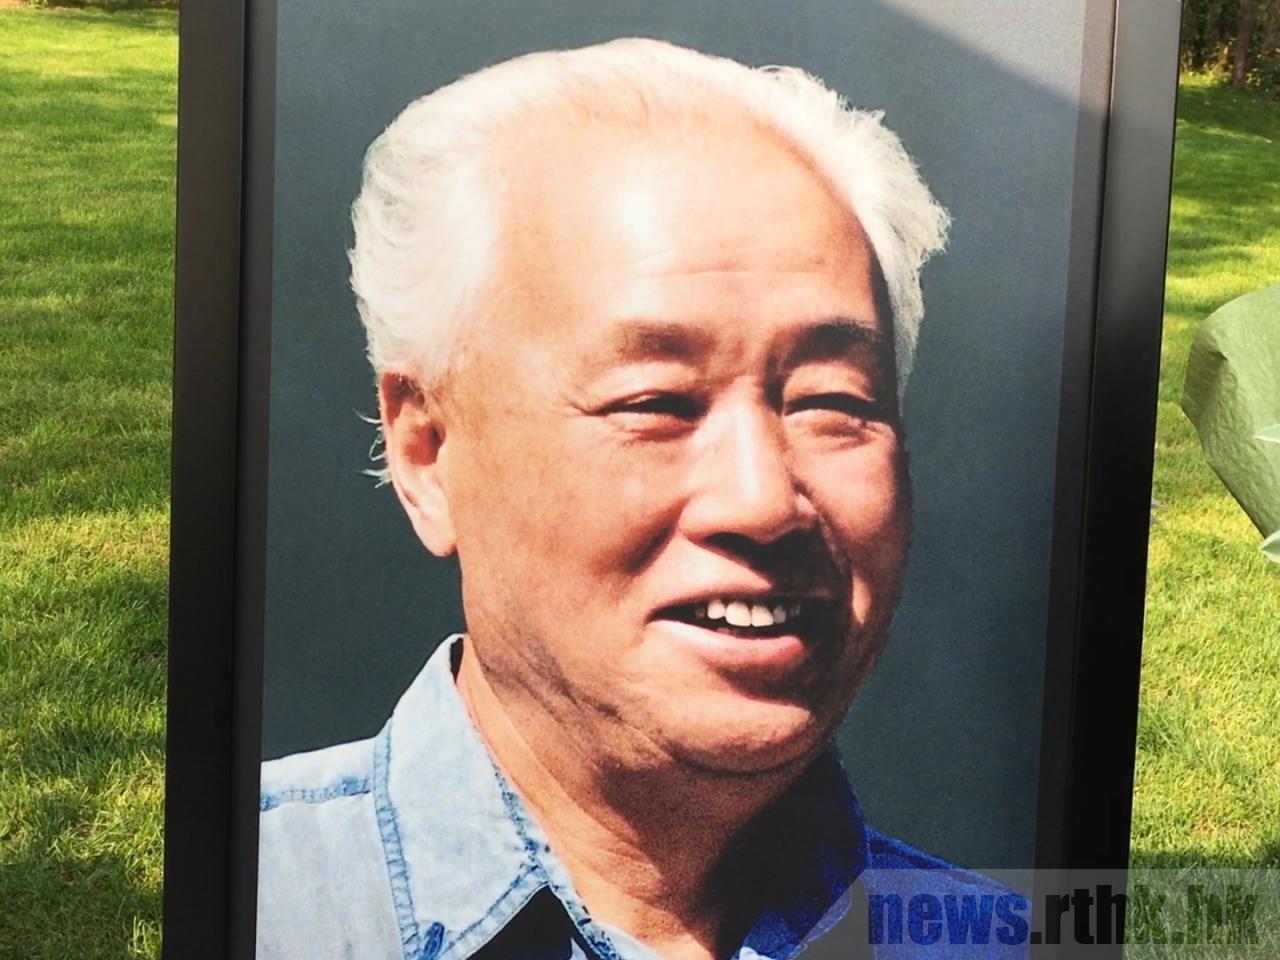 趙紫陽在「六四事件」後被撤職。網圖